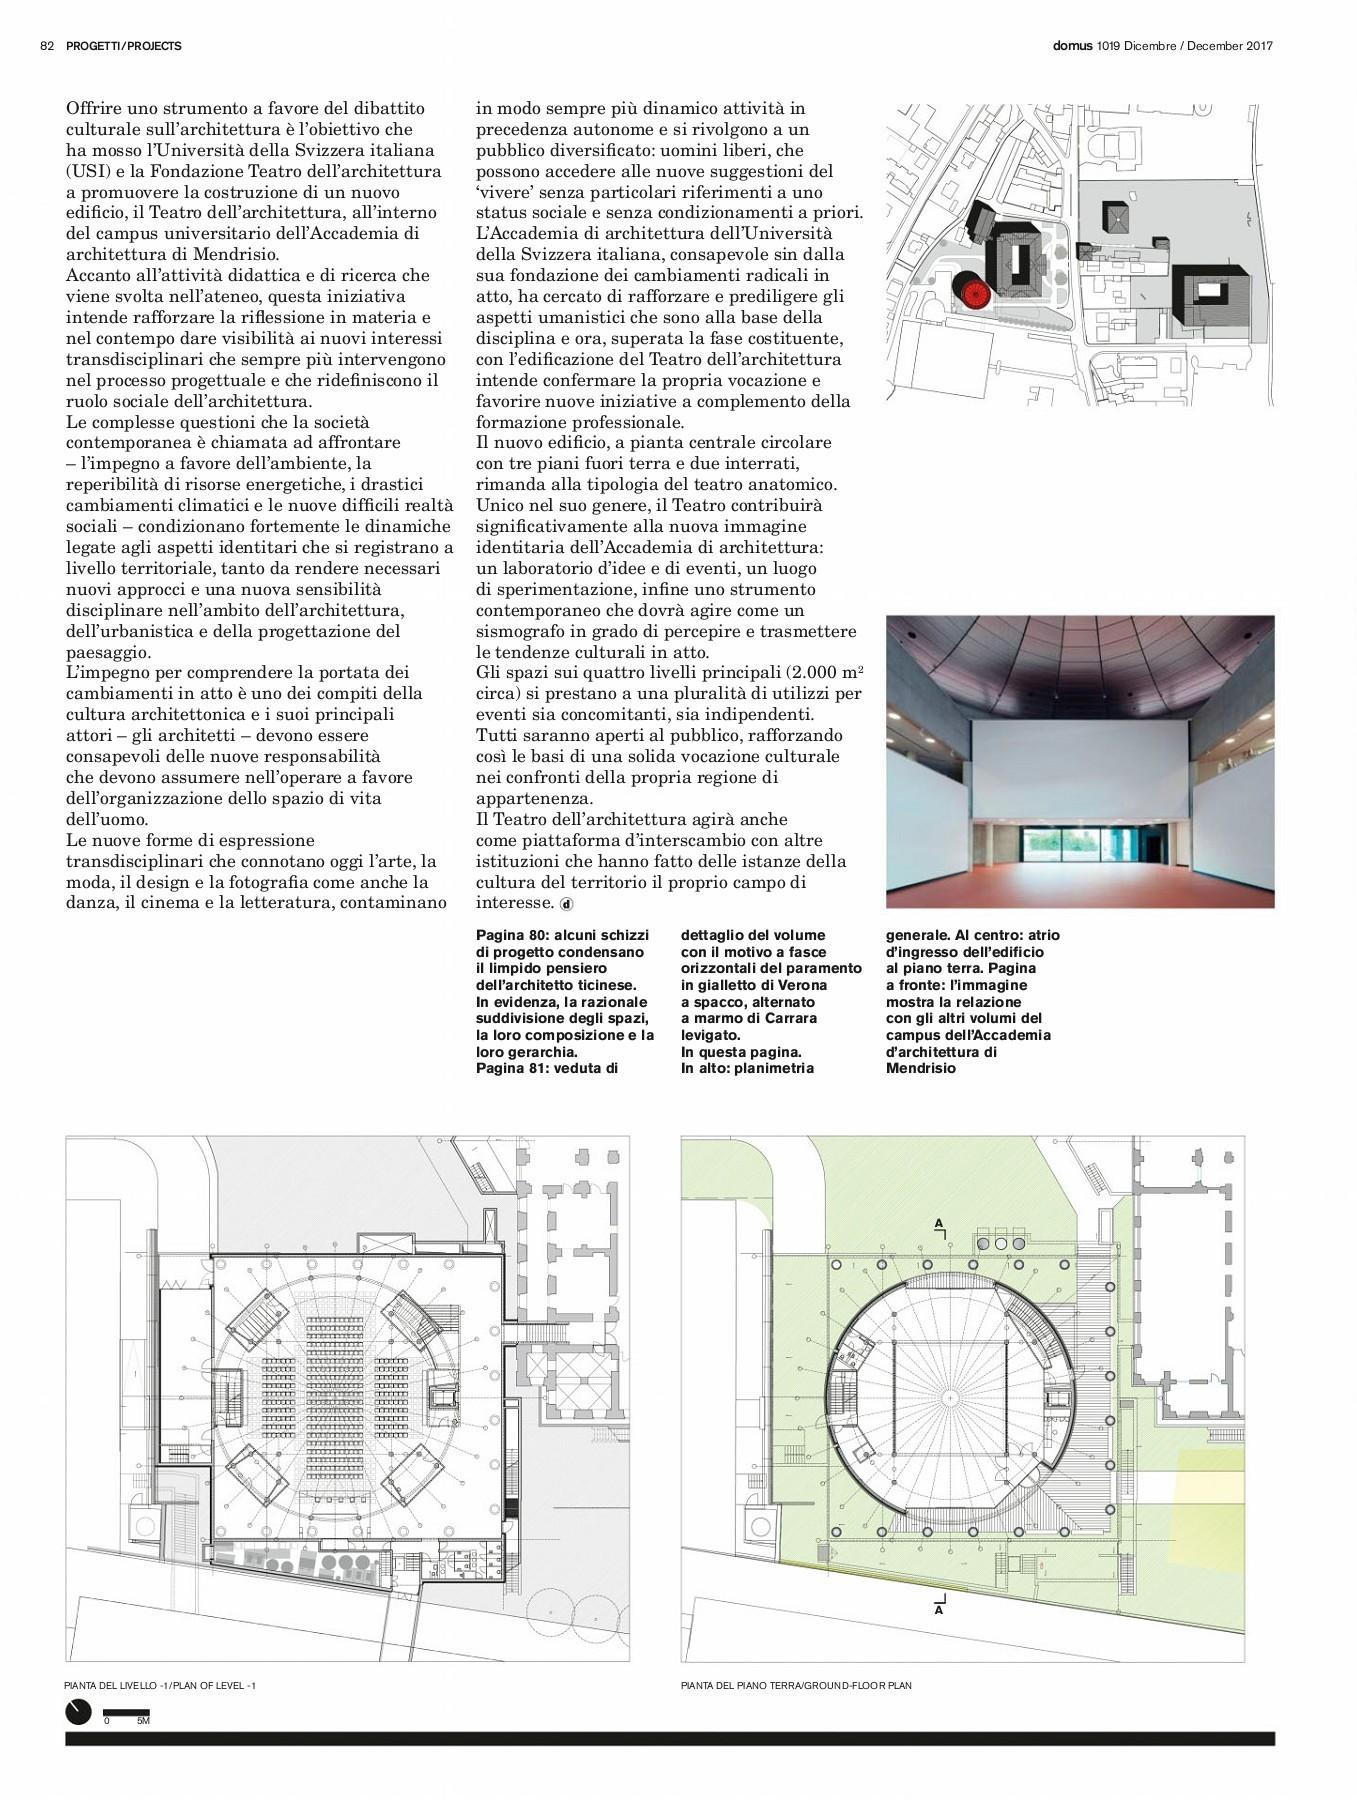 Tagliare Marmo Piano Cucina domus_italia_dec 2017-flip book pages 151-200 | pubhtml5